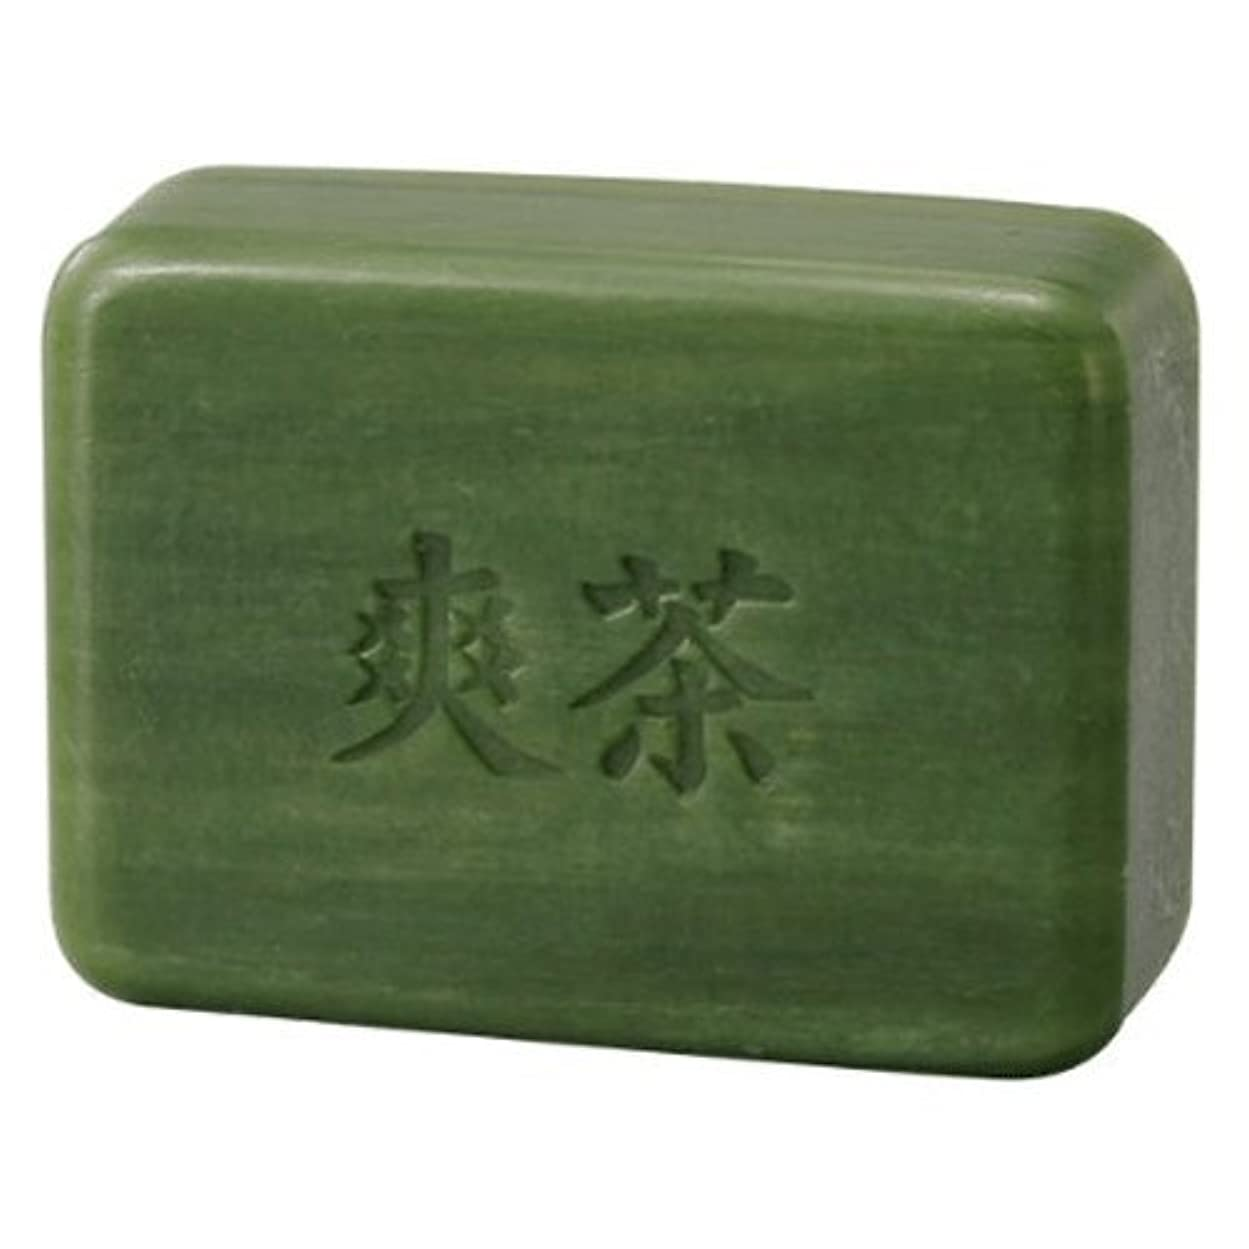 MEN'S 爽茶石鹸